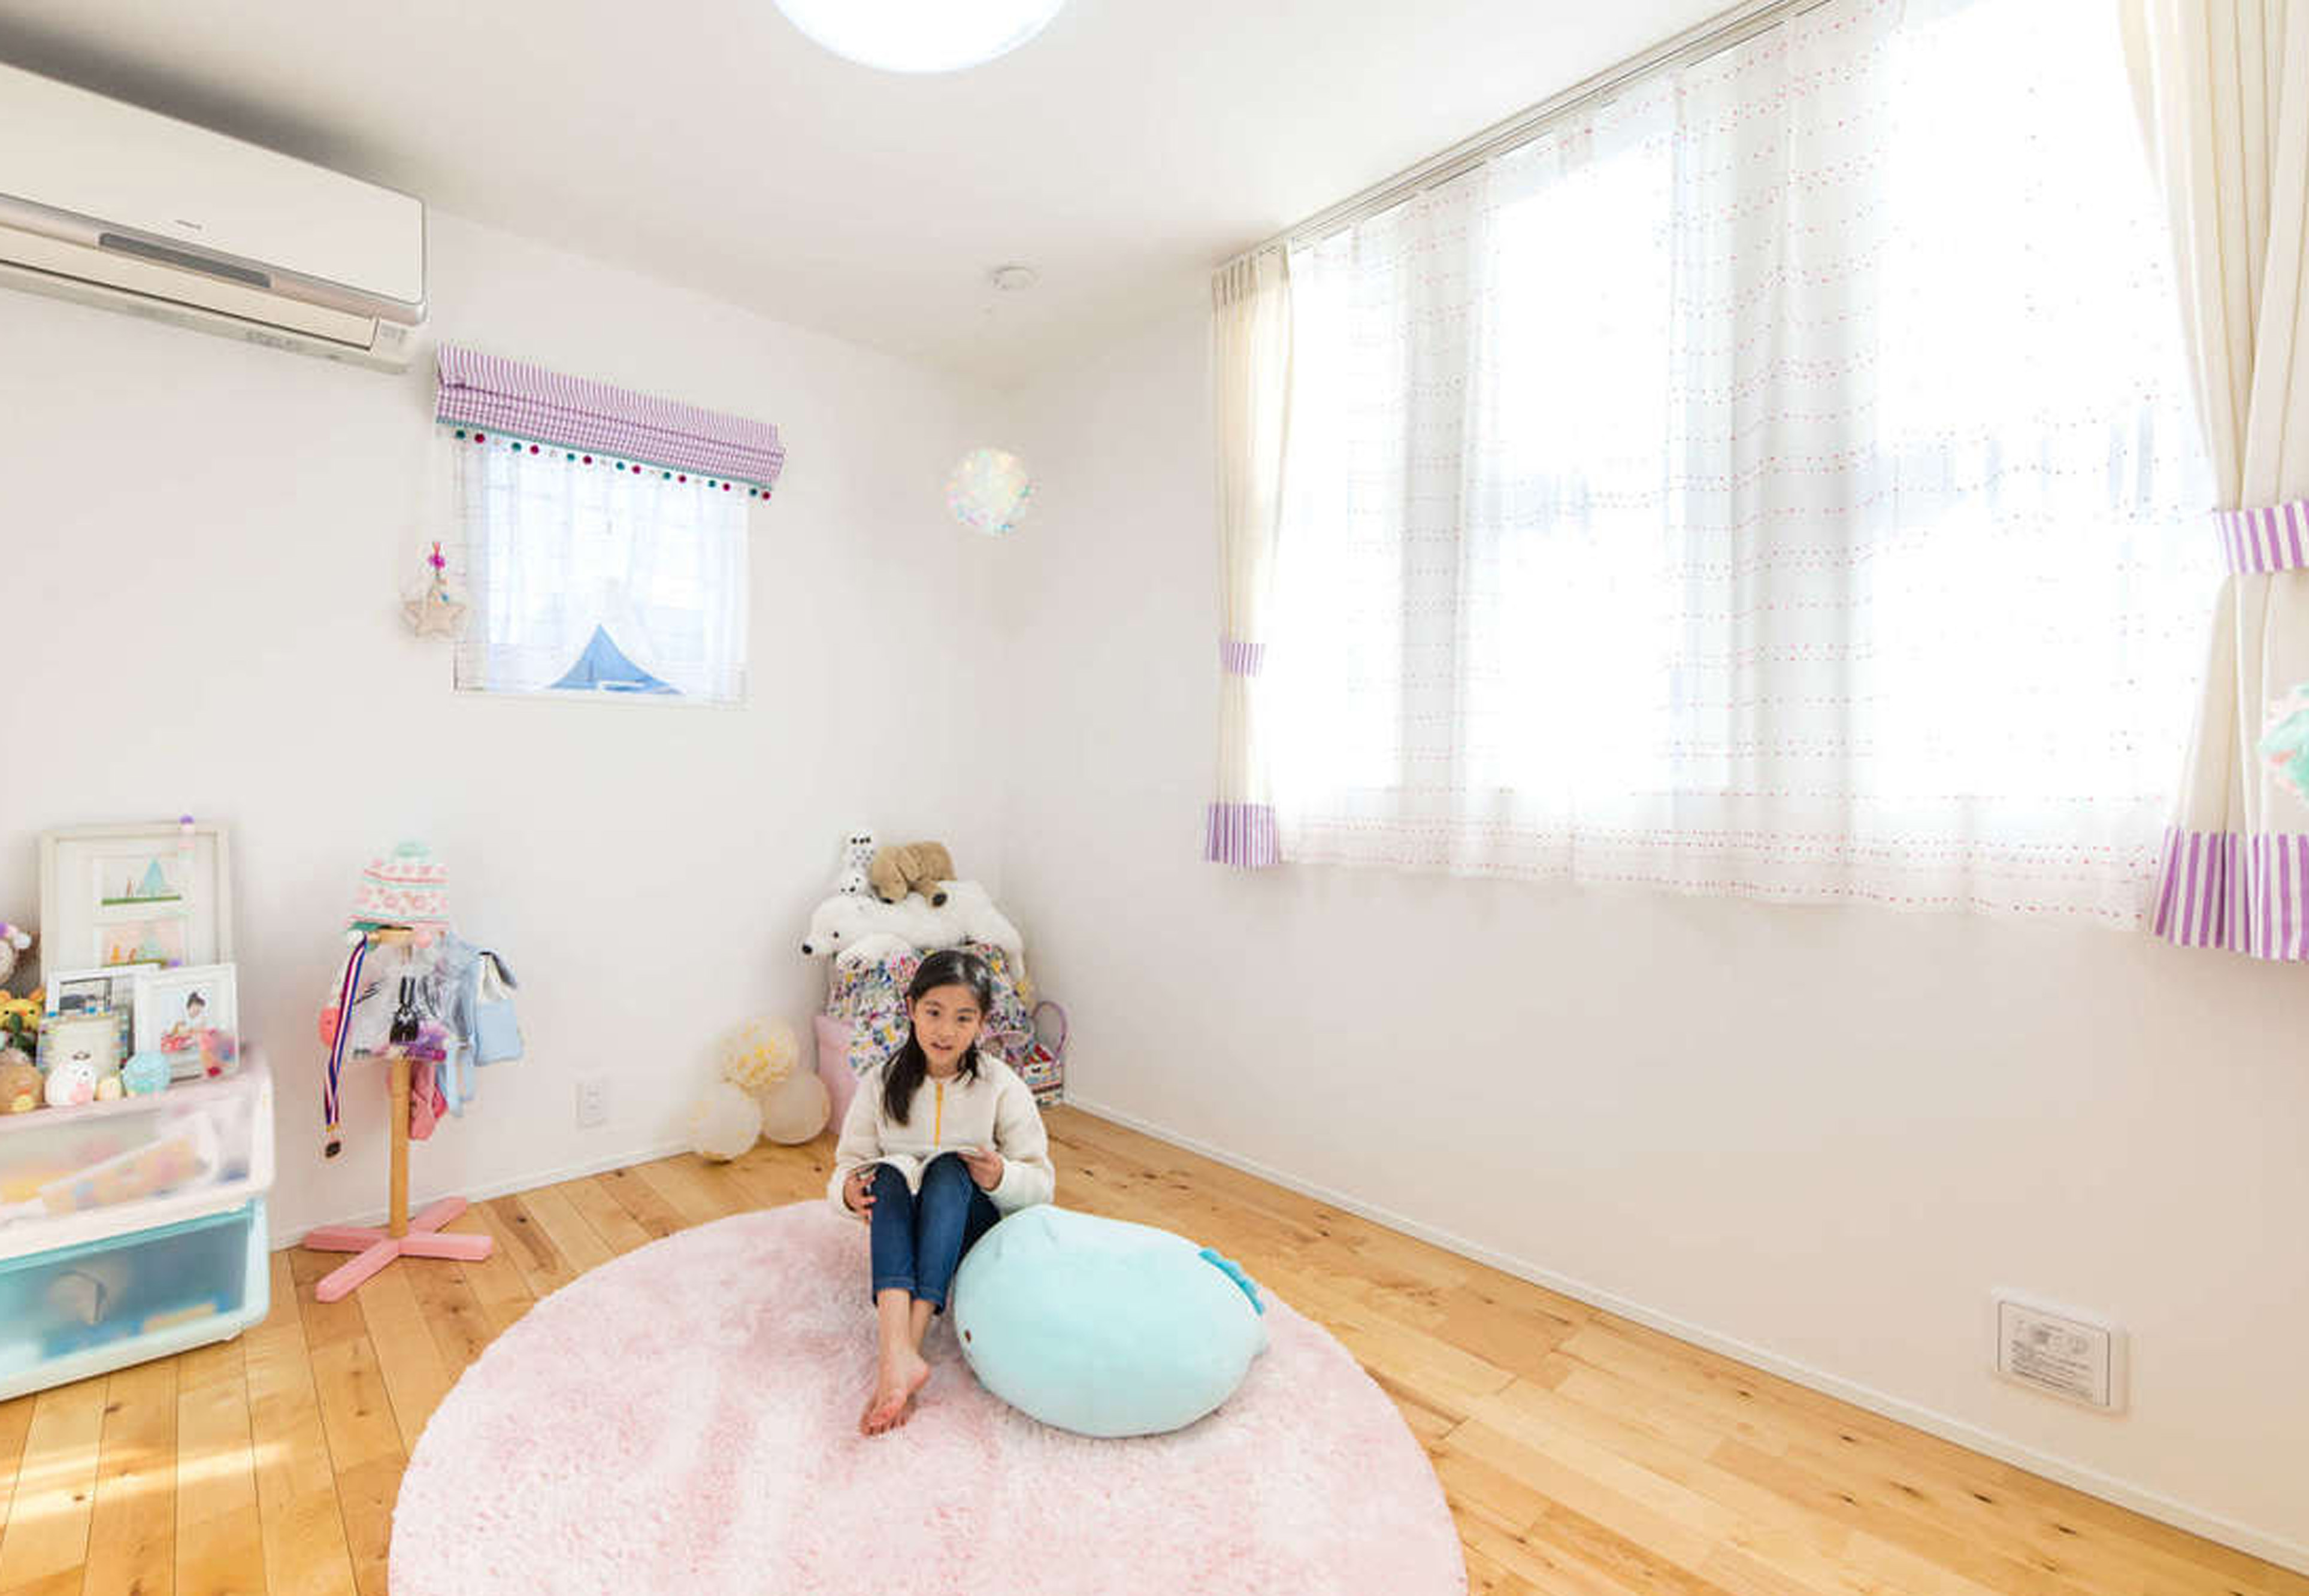 娘さんが他の人を入れないというほどお気に入りの子ども部屋。カーテンは『ダイバホーム』提携のショップが生地を組み合わせて作ってくれた